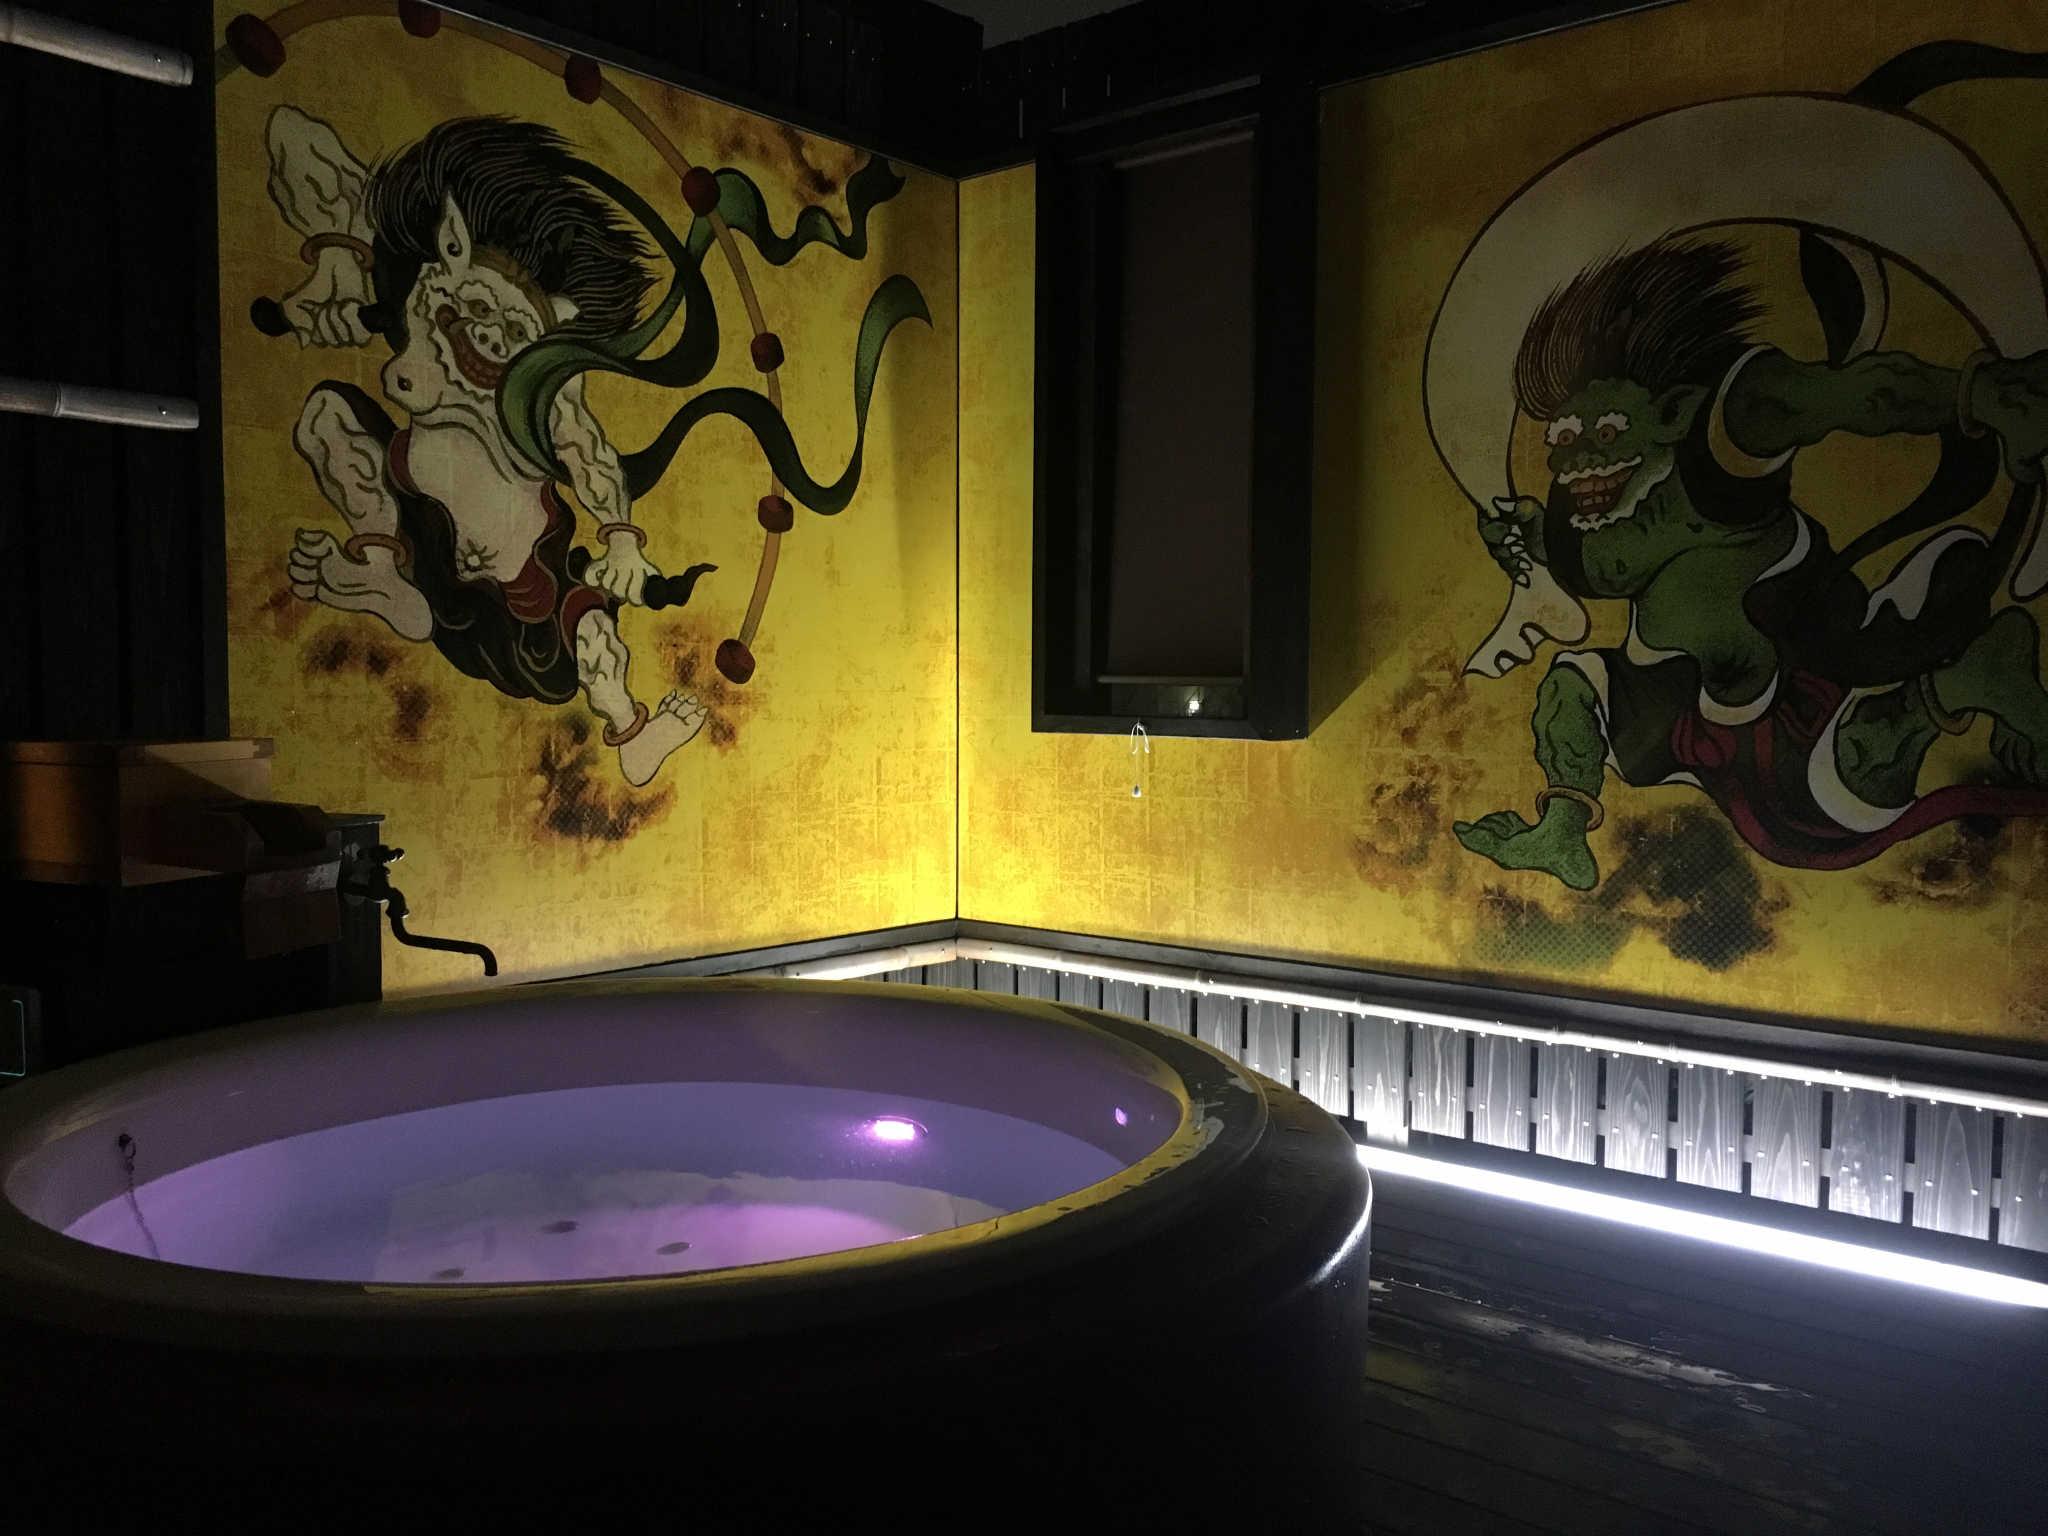 Un bain chaud à ciel ouvert, dans une décoration zen et insolite